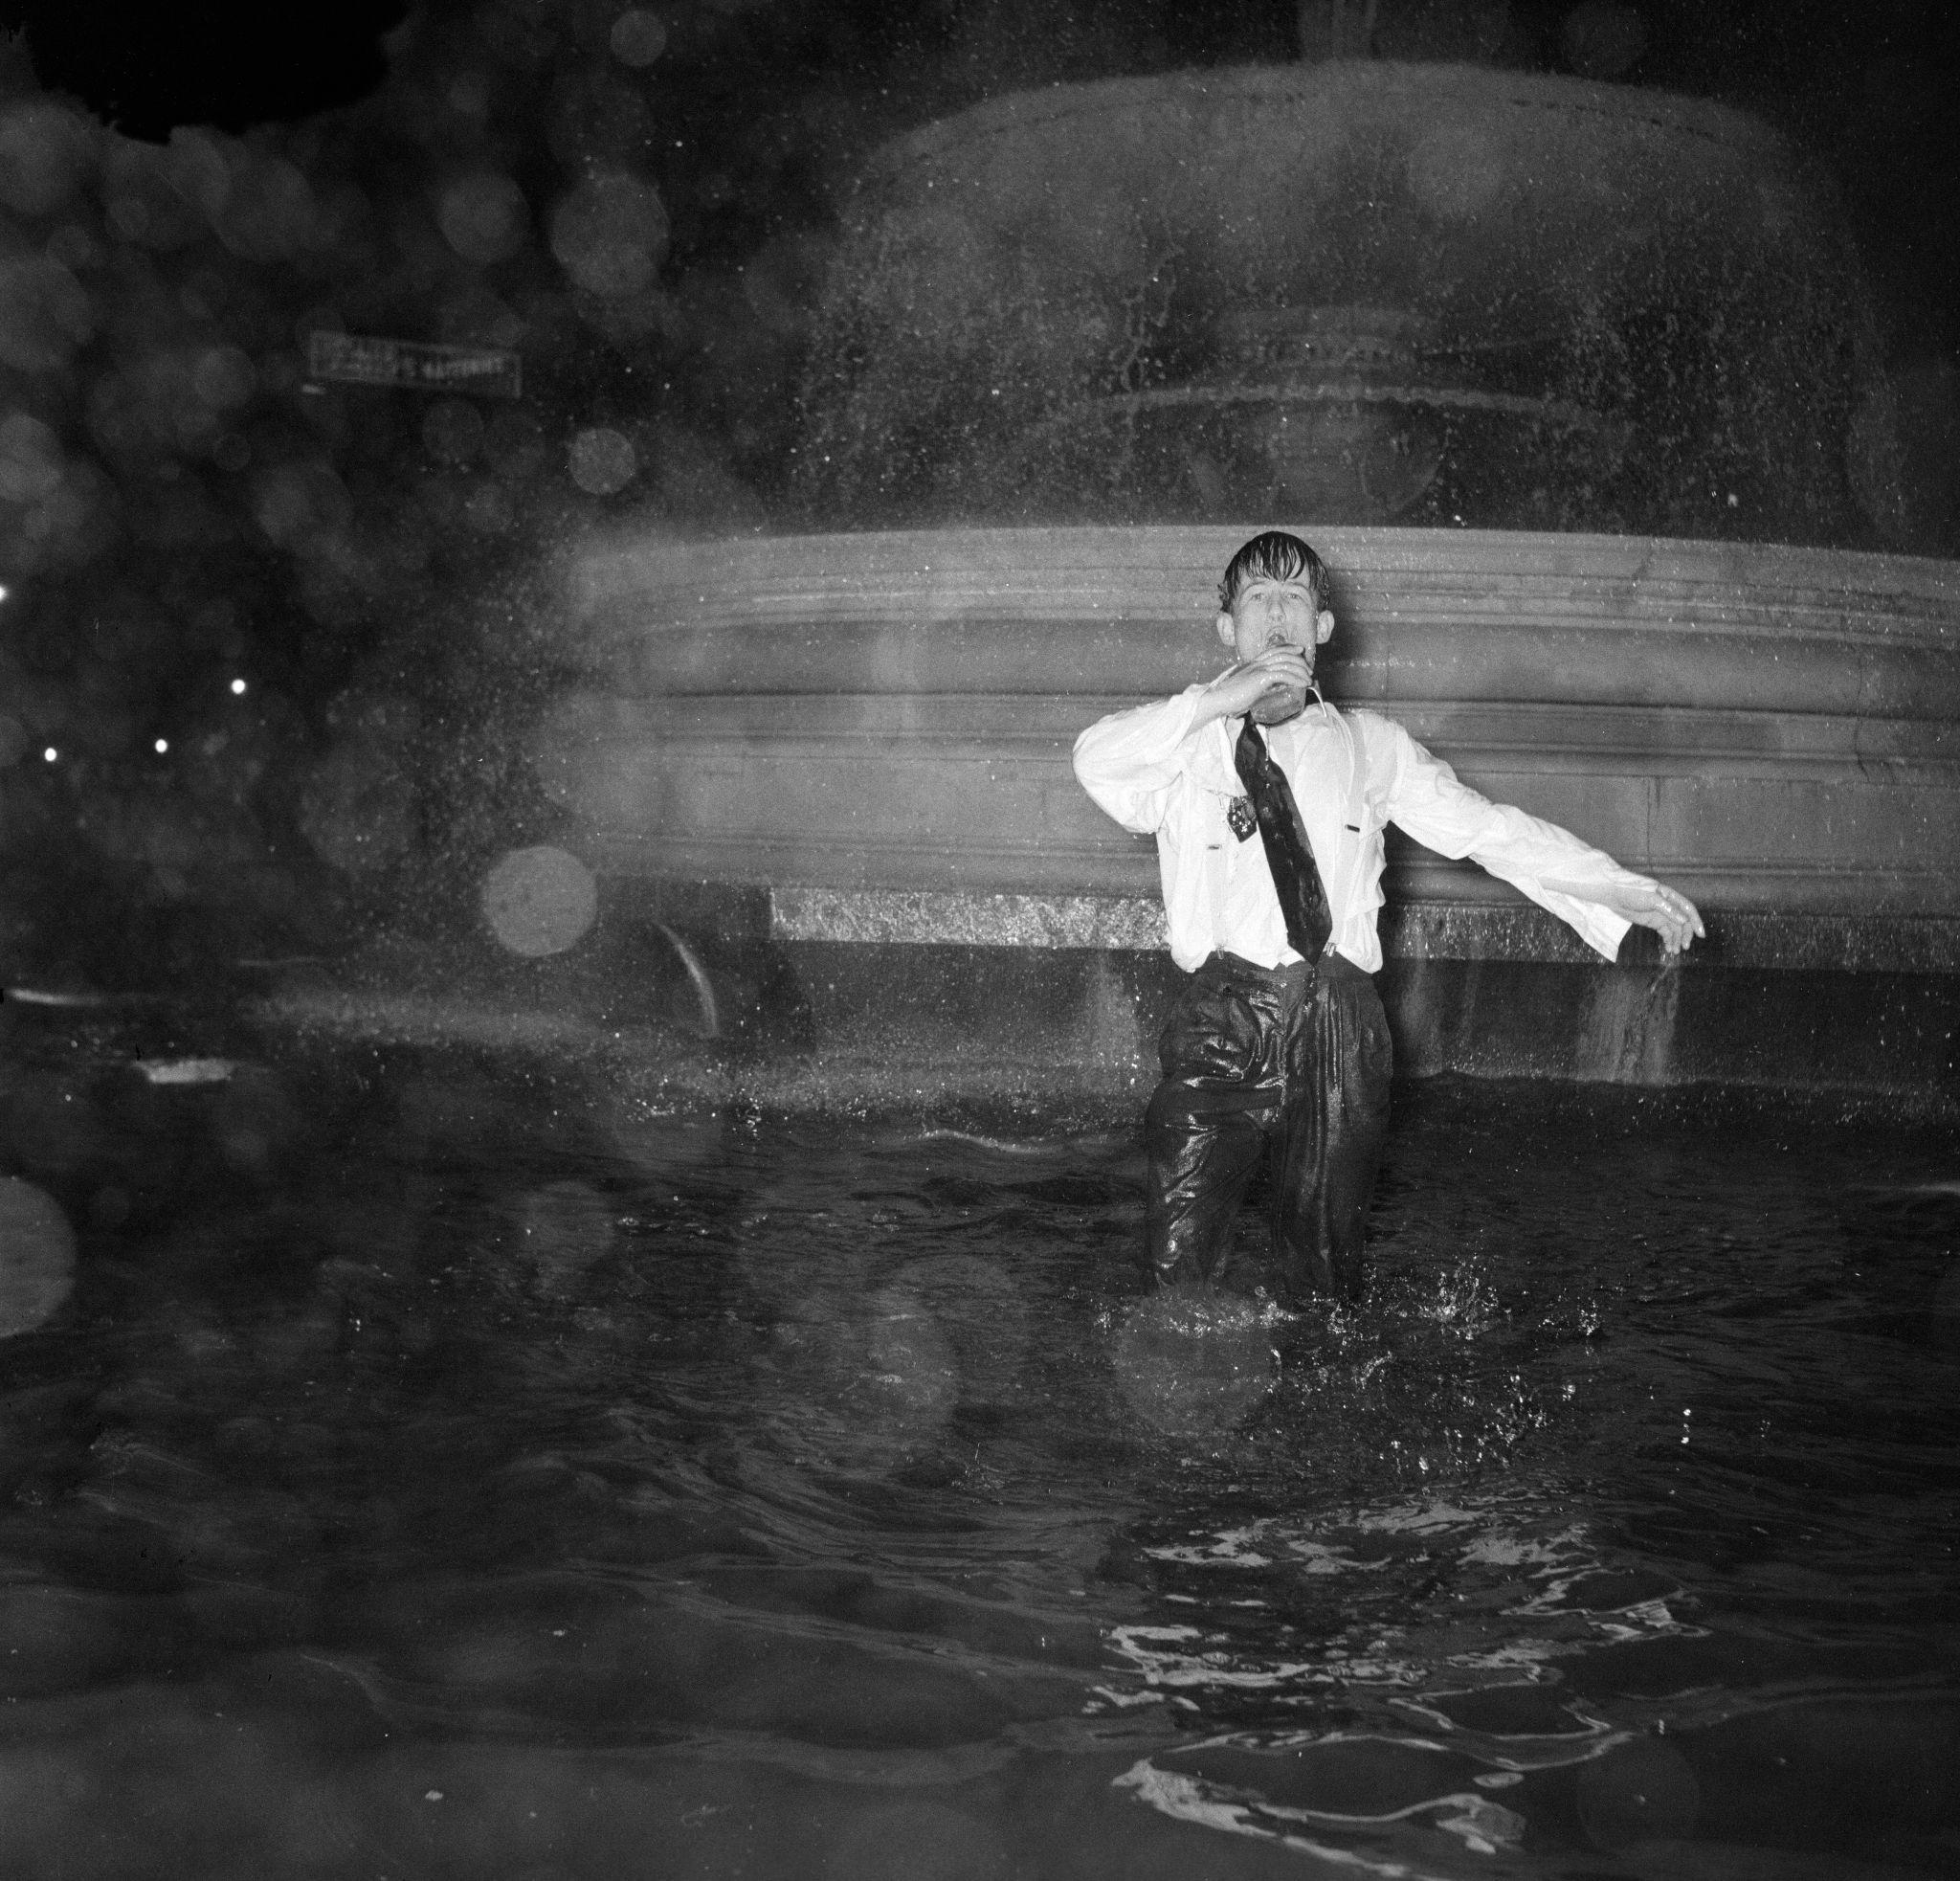 1960. Трафальгарская площадь.Тысячи людей собрались на площади, и многие пошли к фонтану, чтобы отпраздновать это Новый Год, 1 января (2).jpg